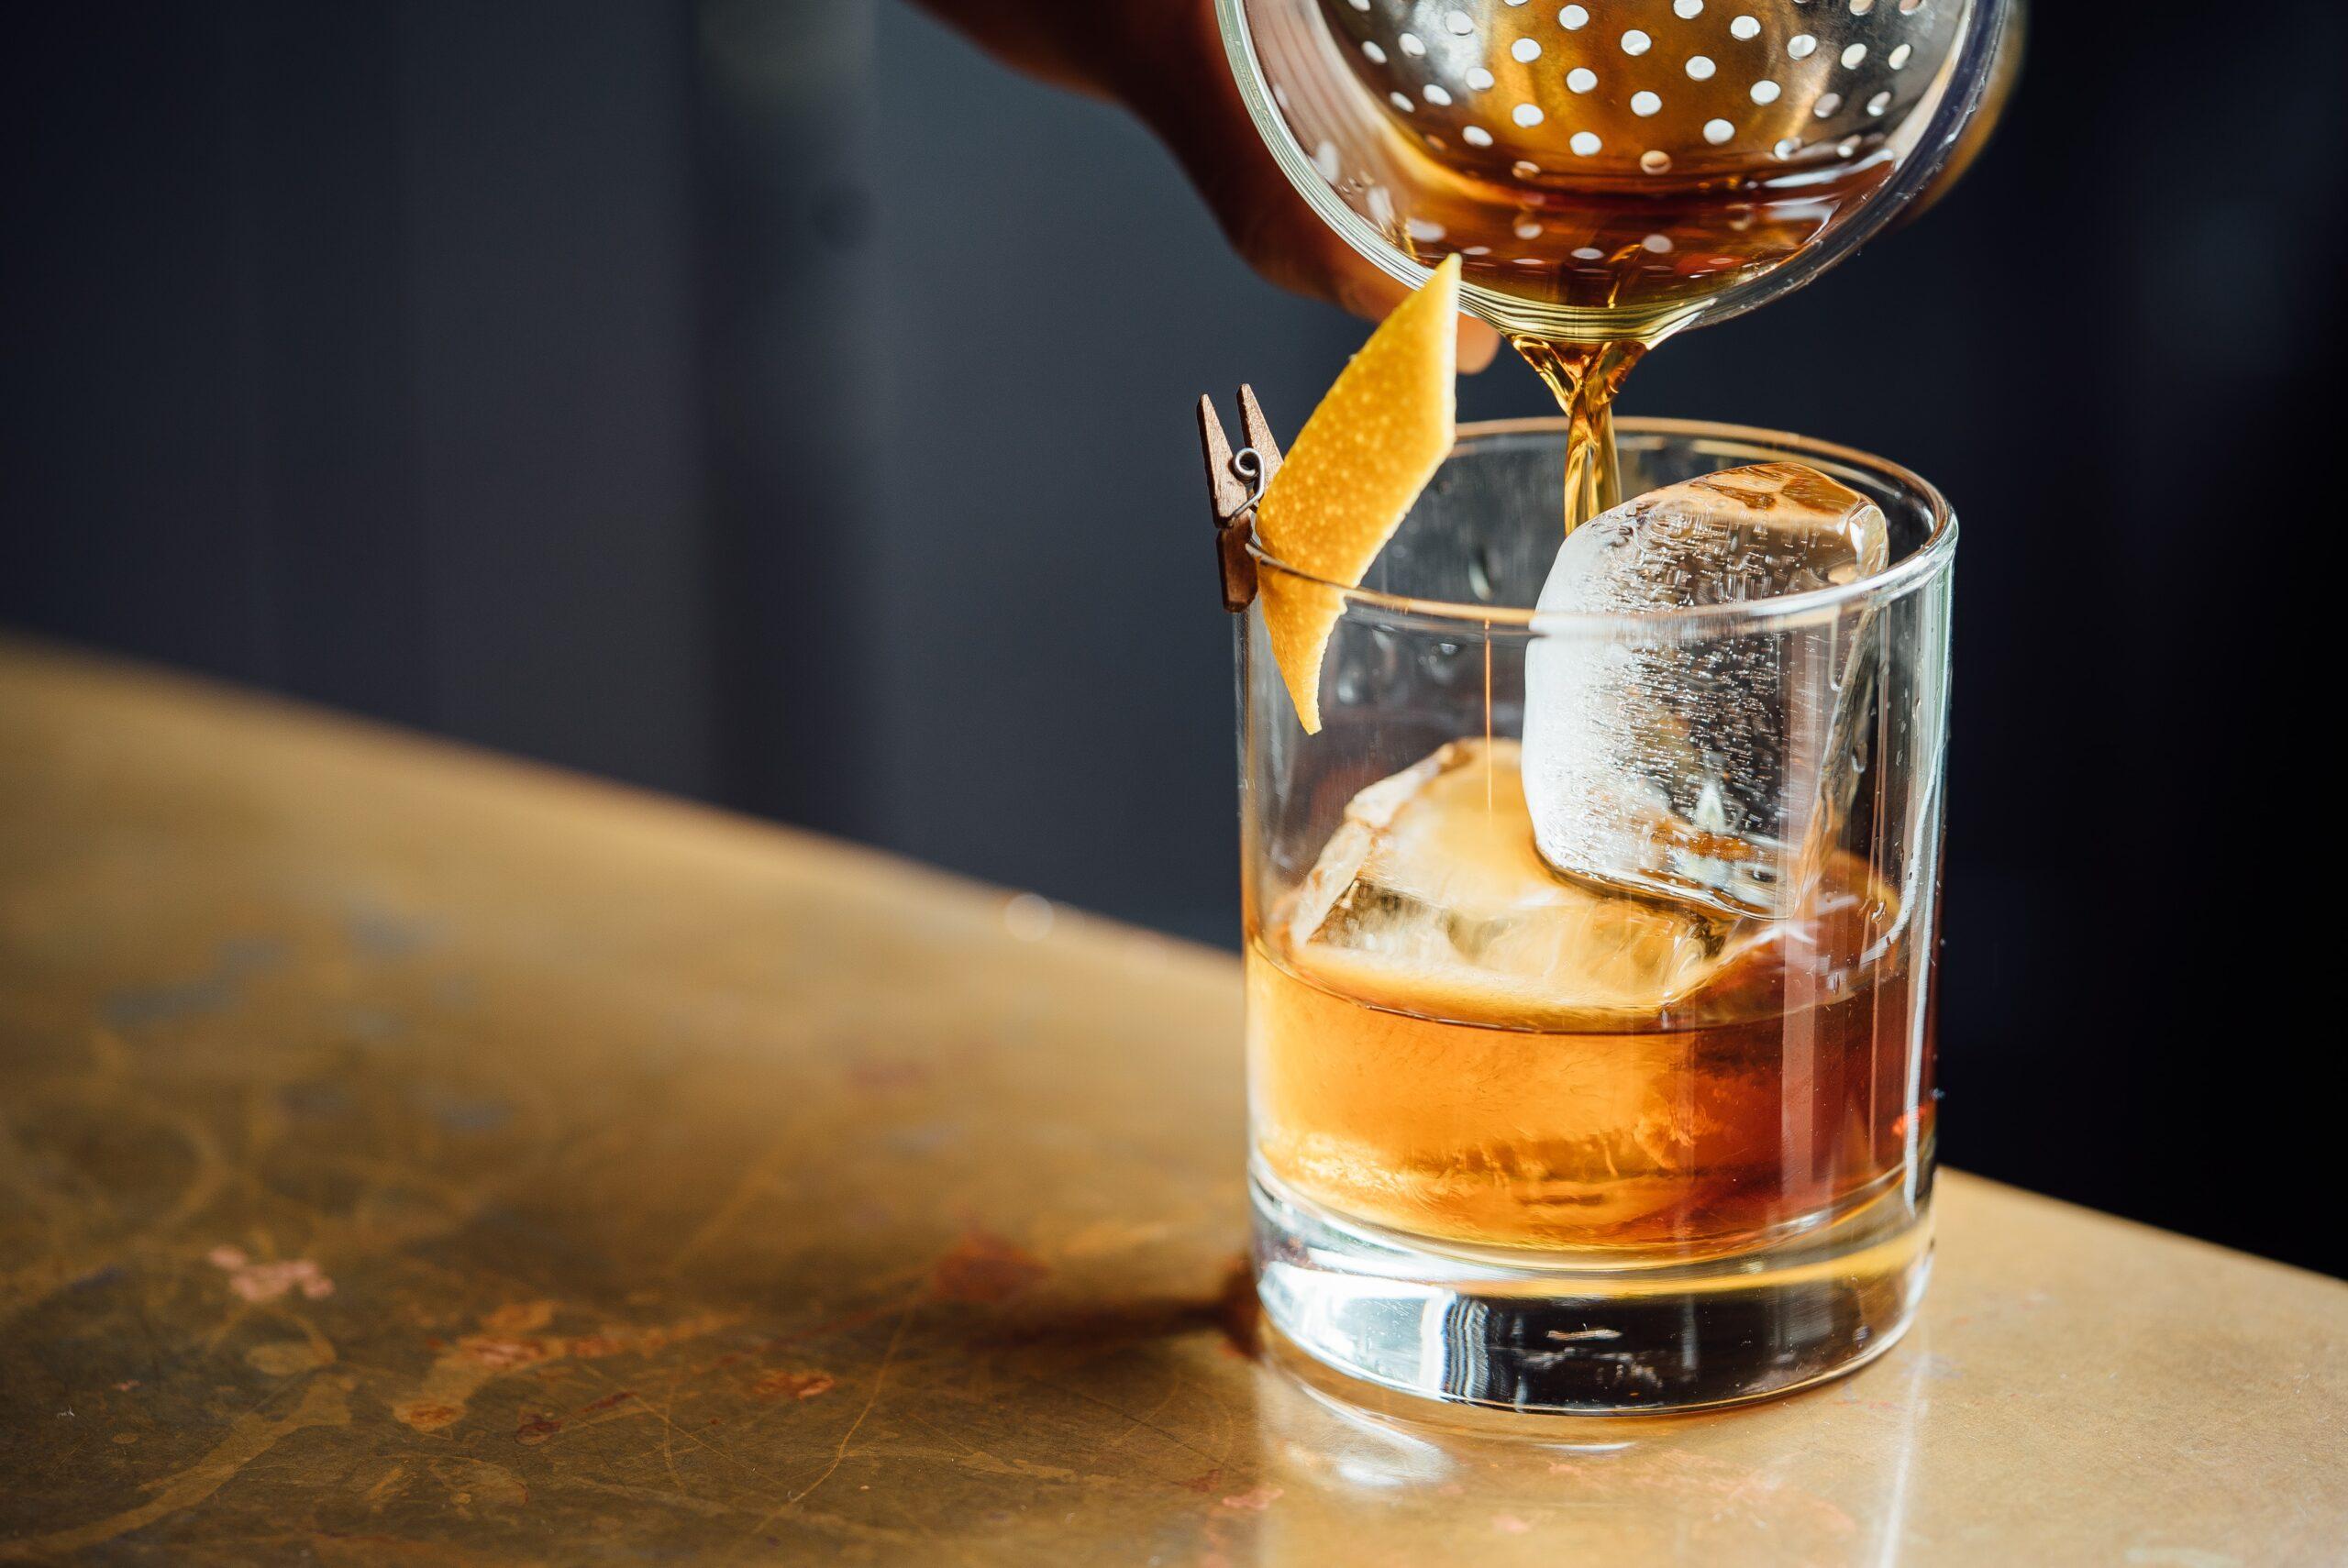 Vaso corto de whisky